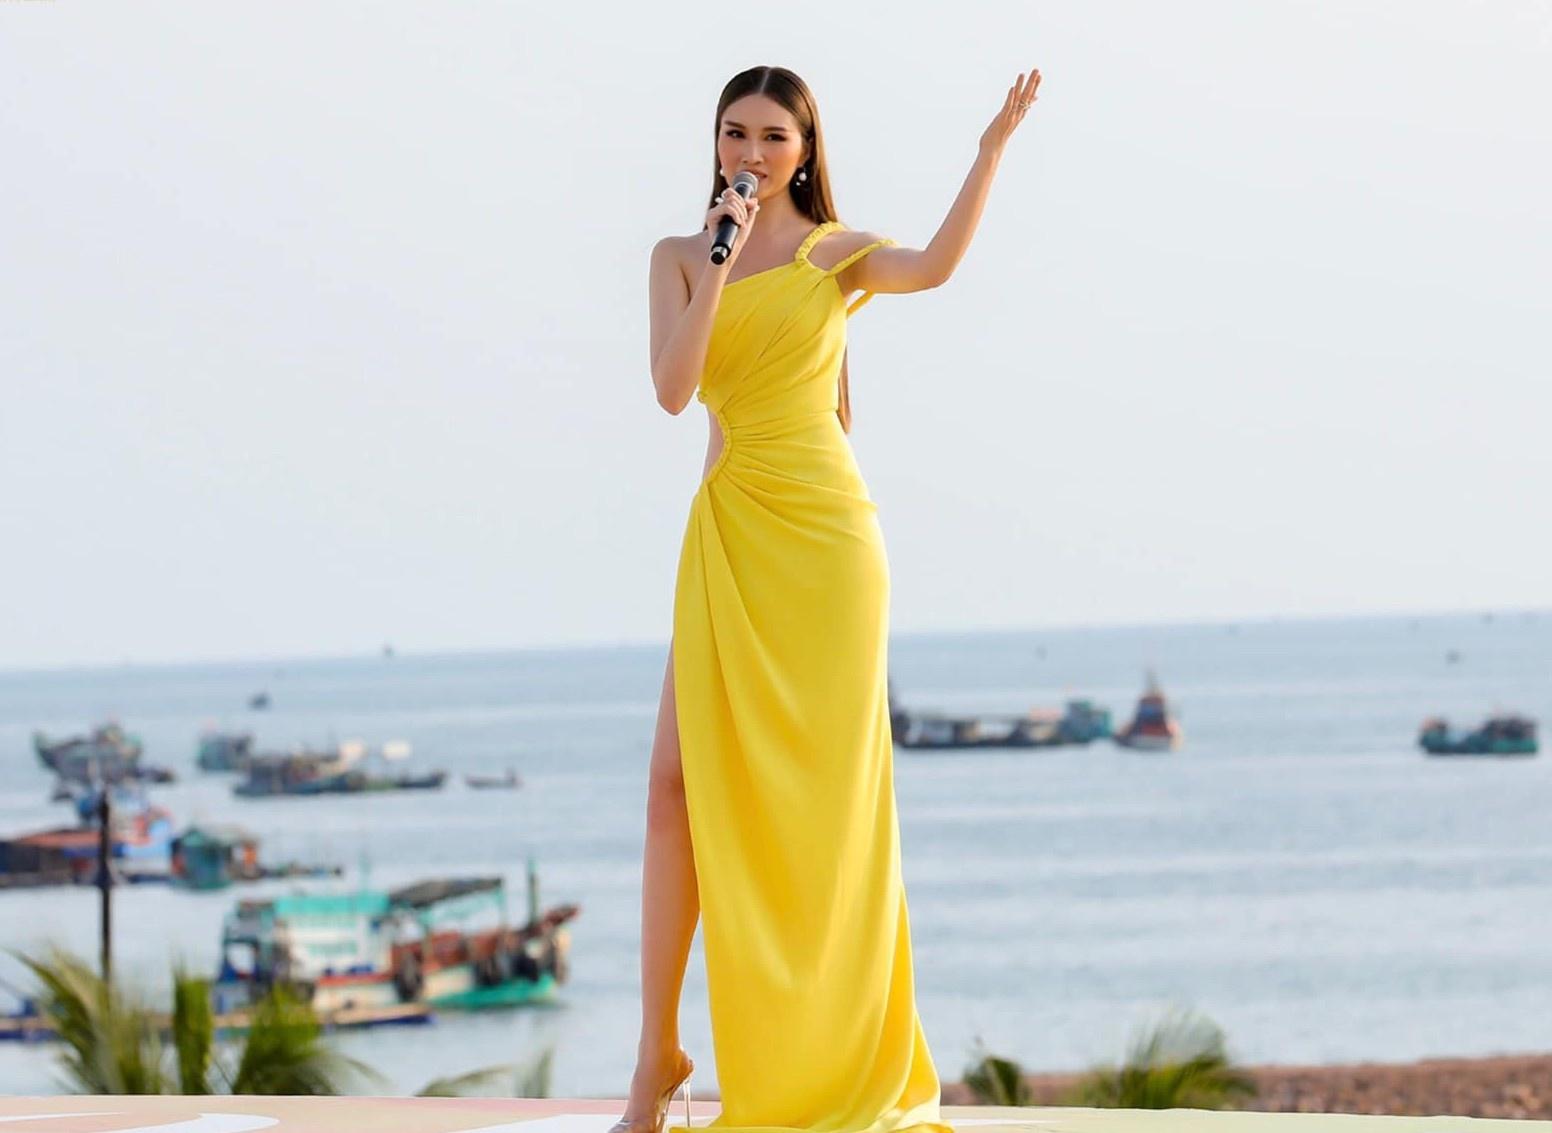 Thanh Thanh Huyen dan 3000 chu khong kich ban anh 1